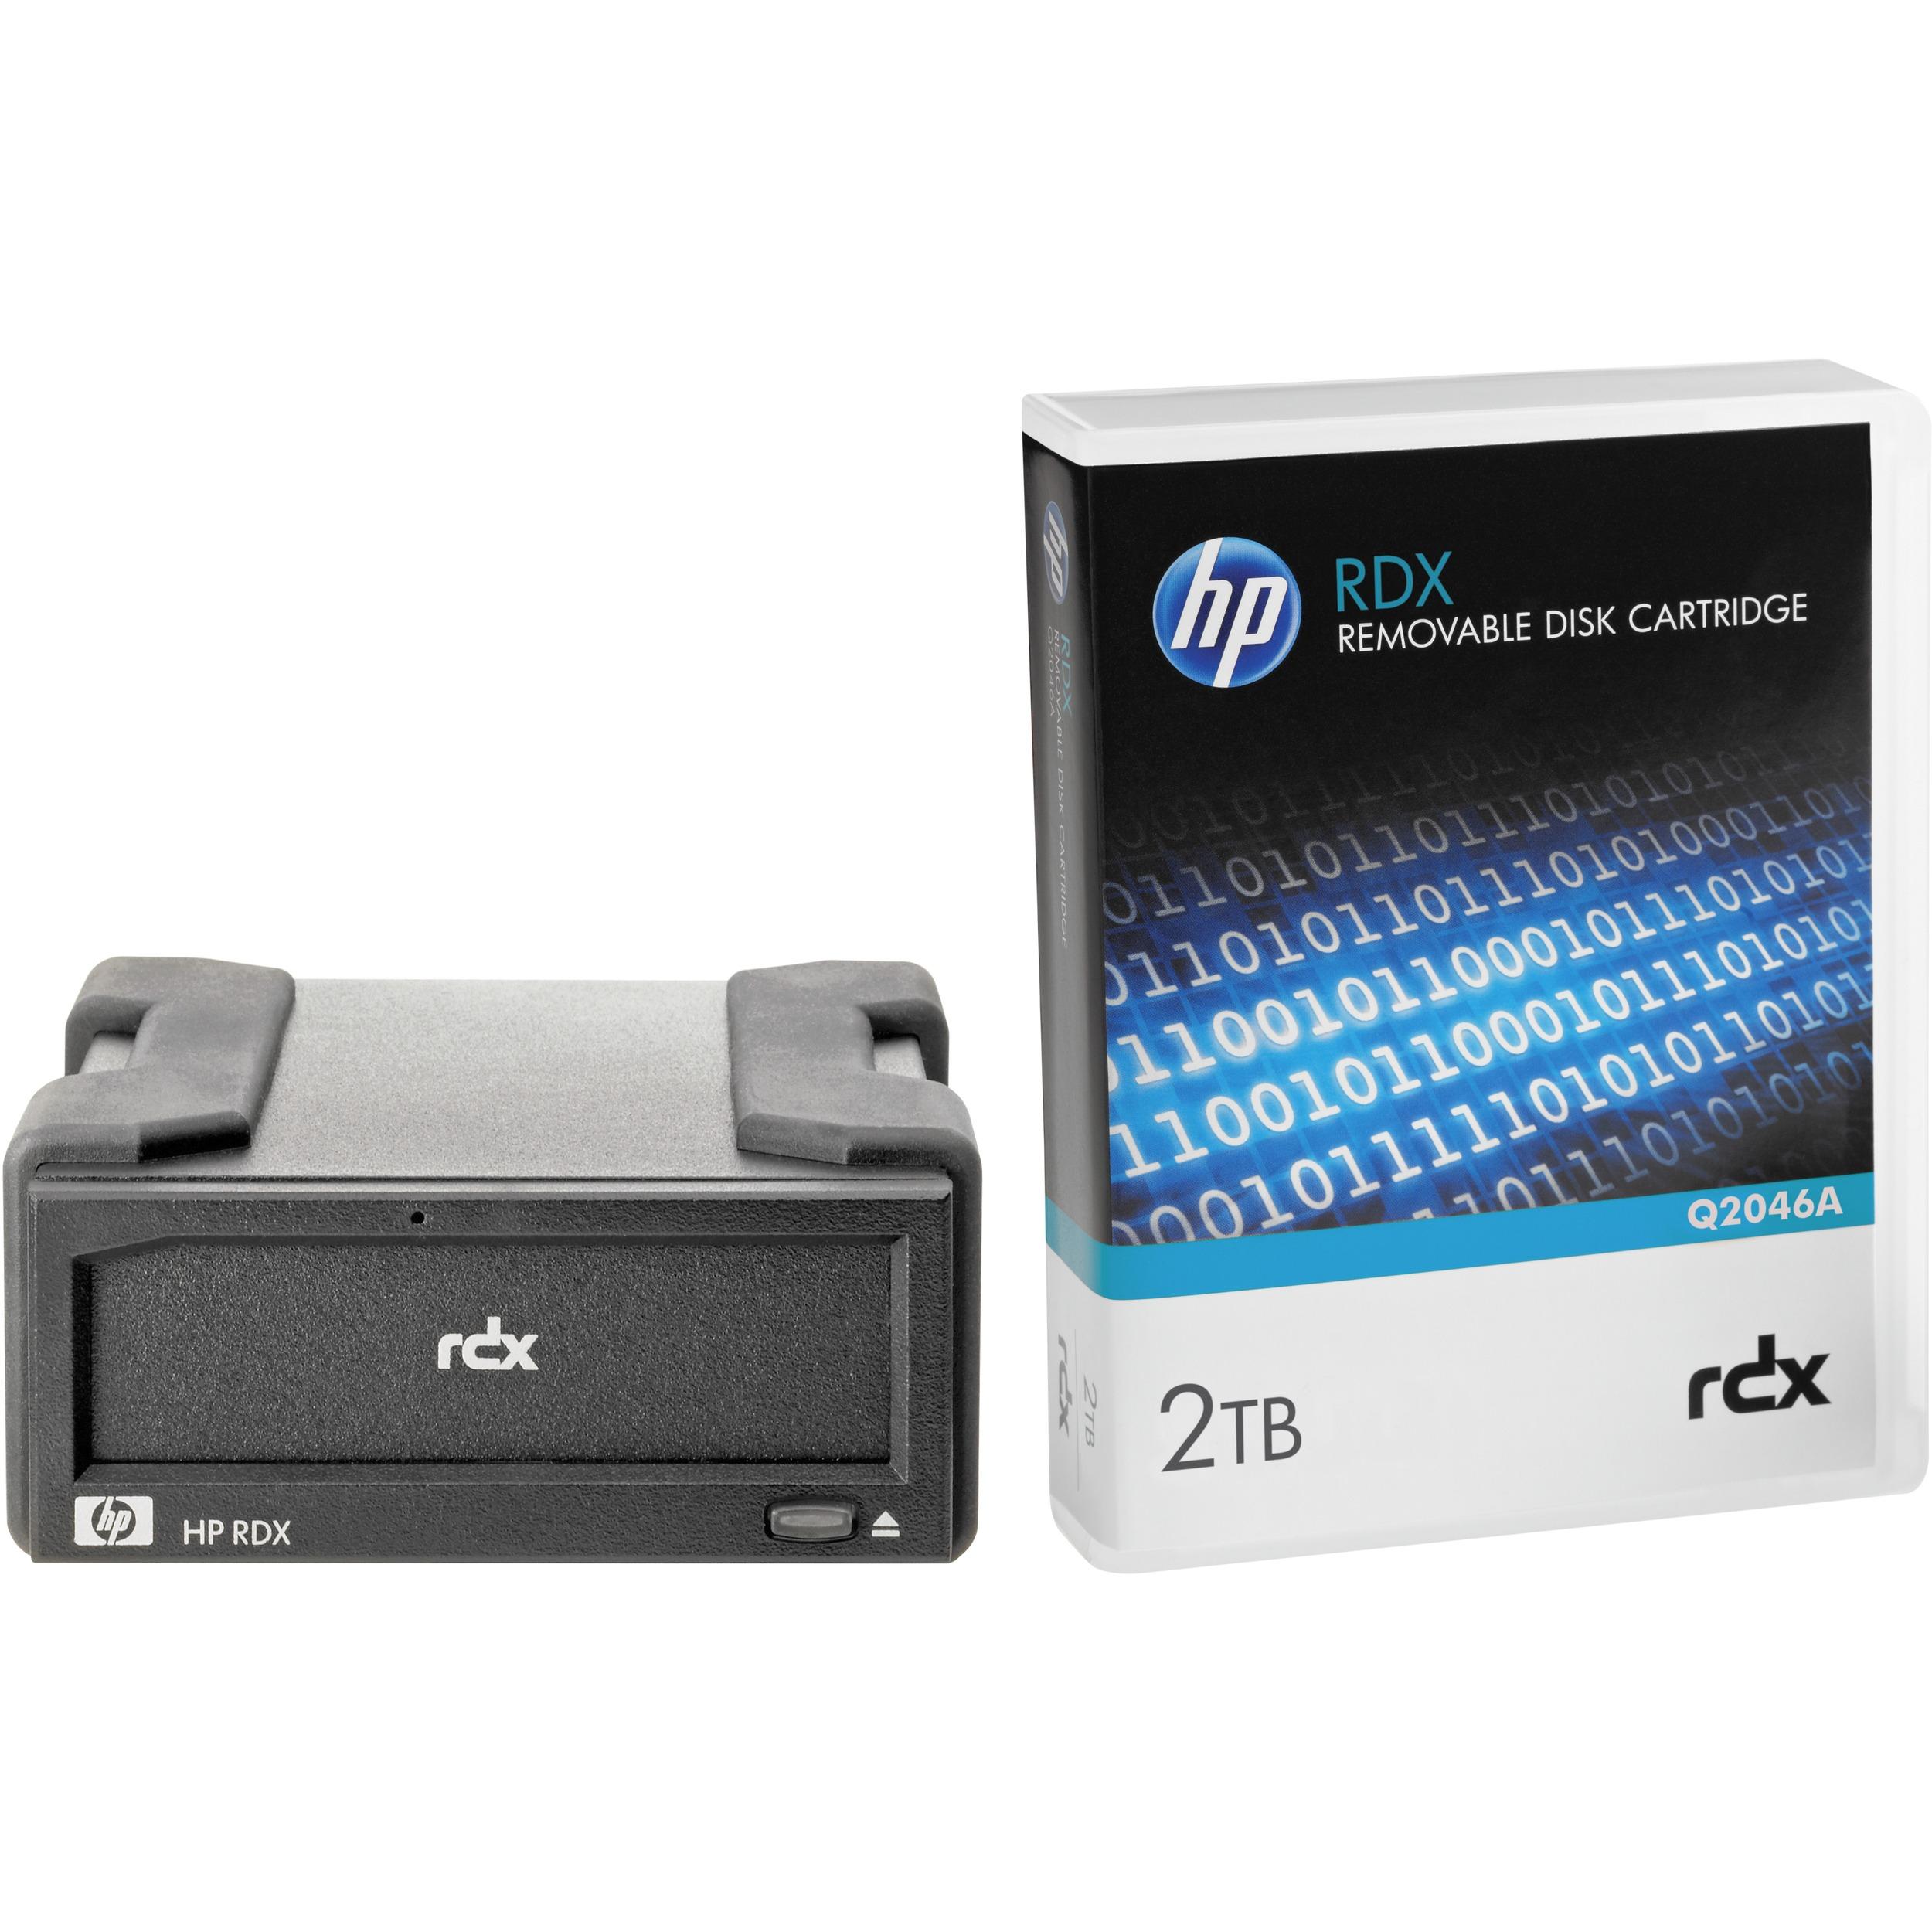 HP 2 TB External Hard Drive Cartridge